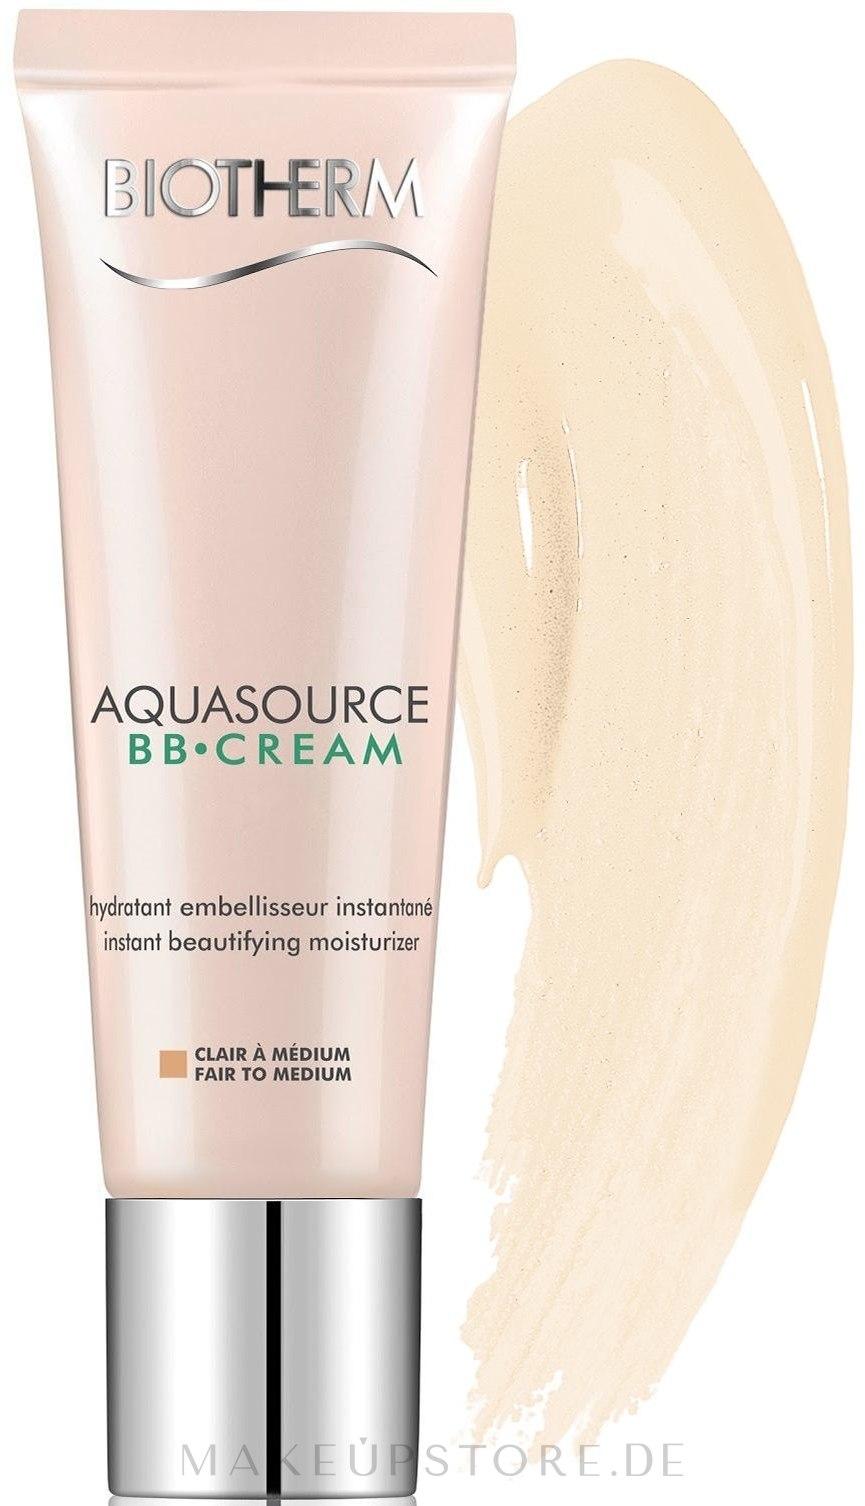 Feuchtigkeitsspendende BB Gesichtscreme LSF 15 - Biotherm Aquasource BB Cream SPF 15 — Bild Fair To Medium